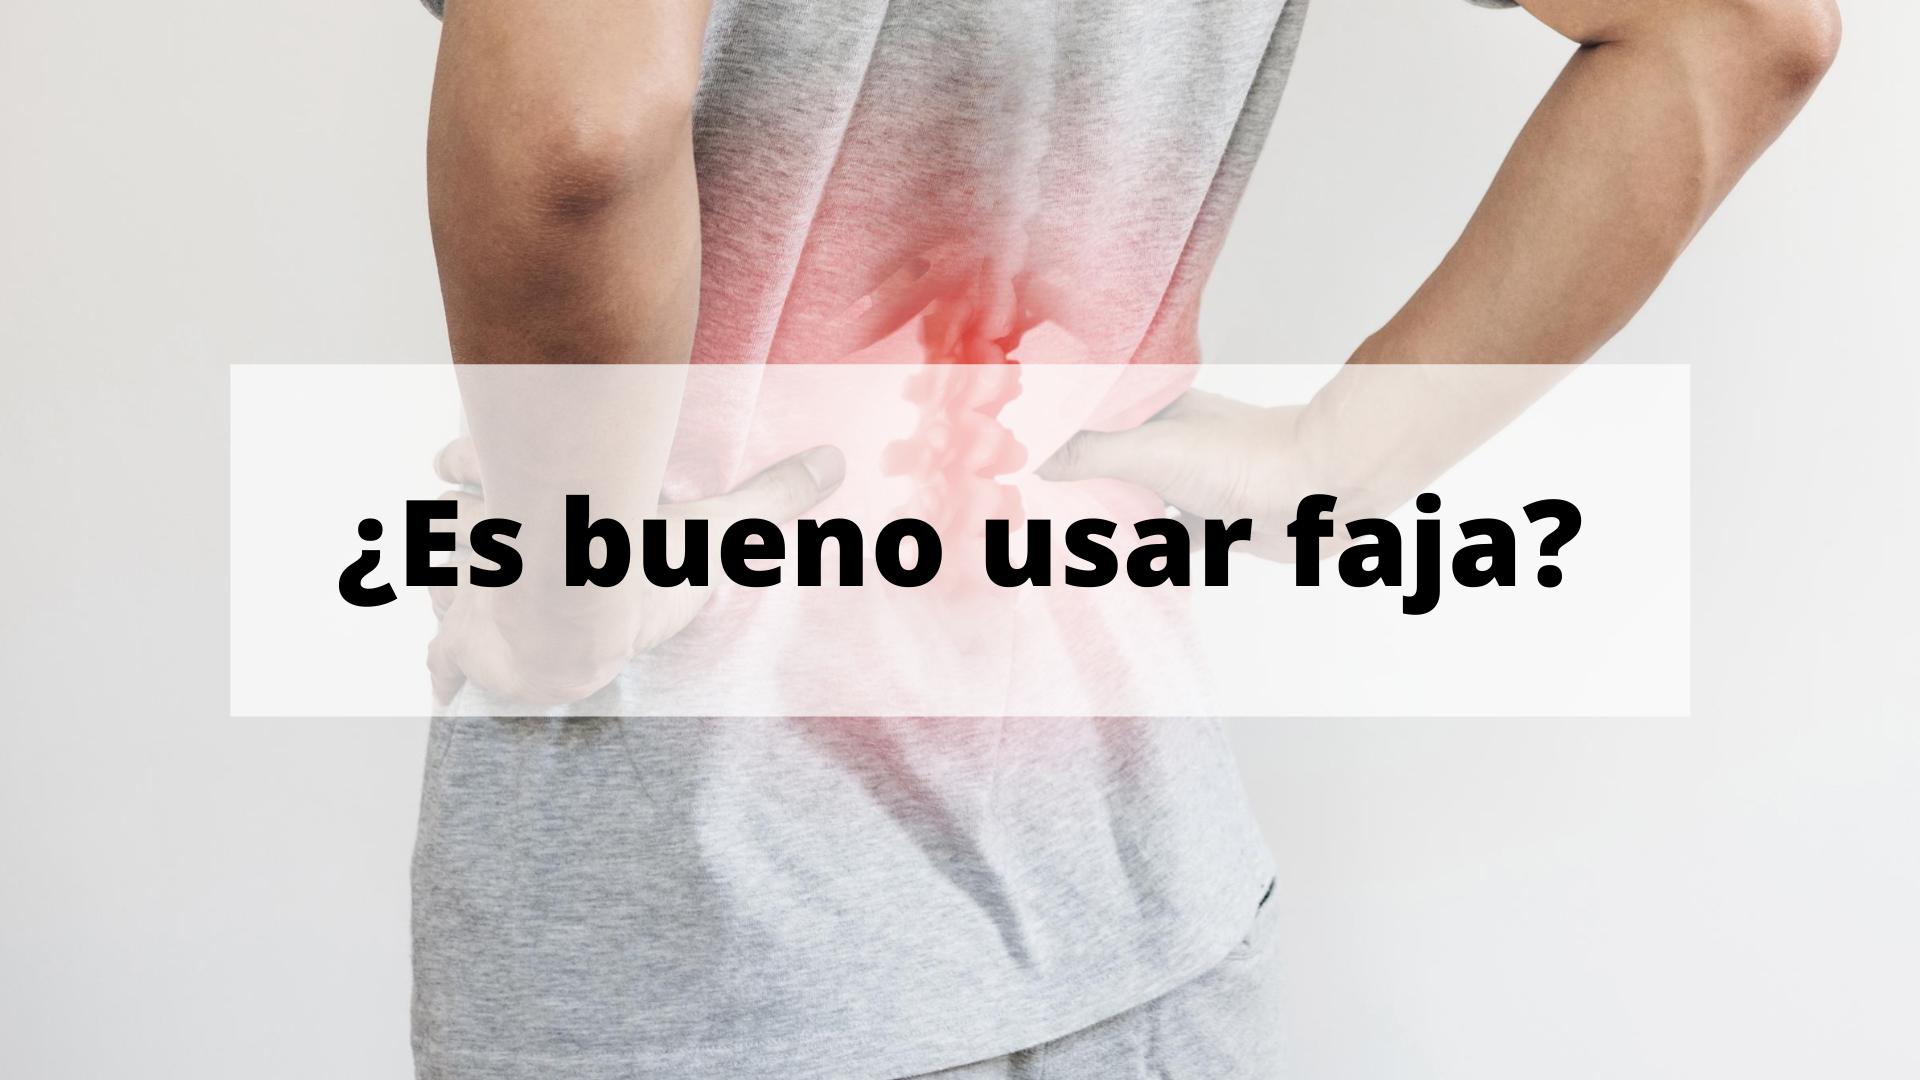 fisioterapia mariabelando murcia soma salud bienestar espalda faja dolor postura musculo